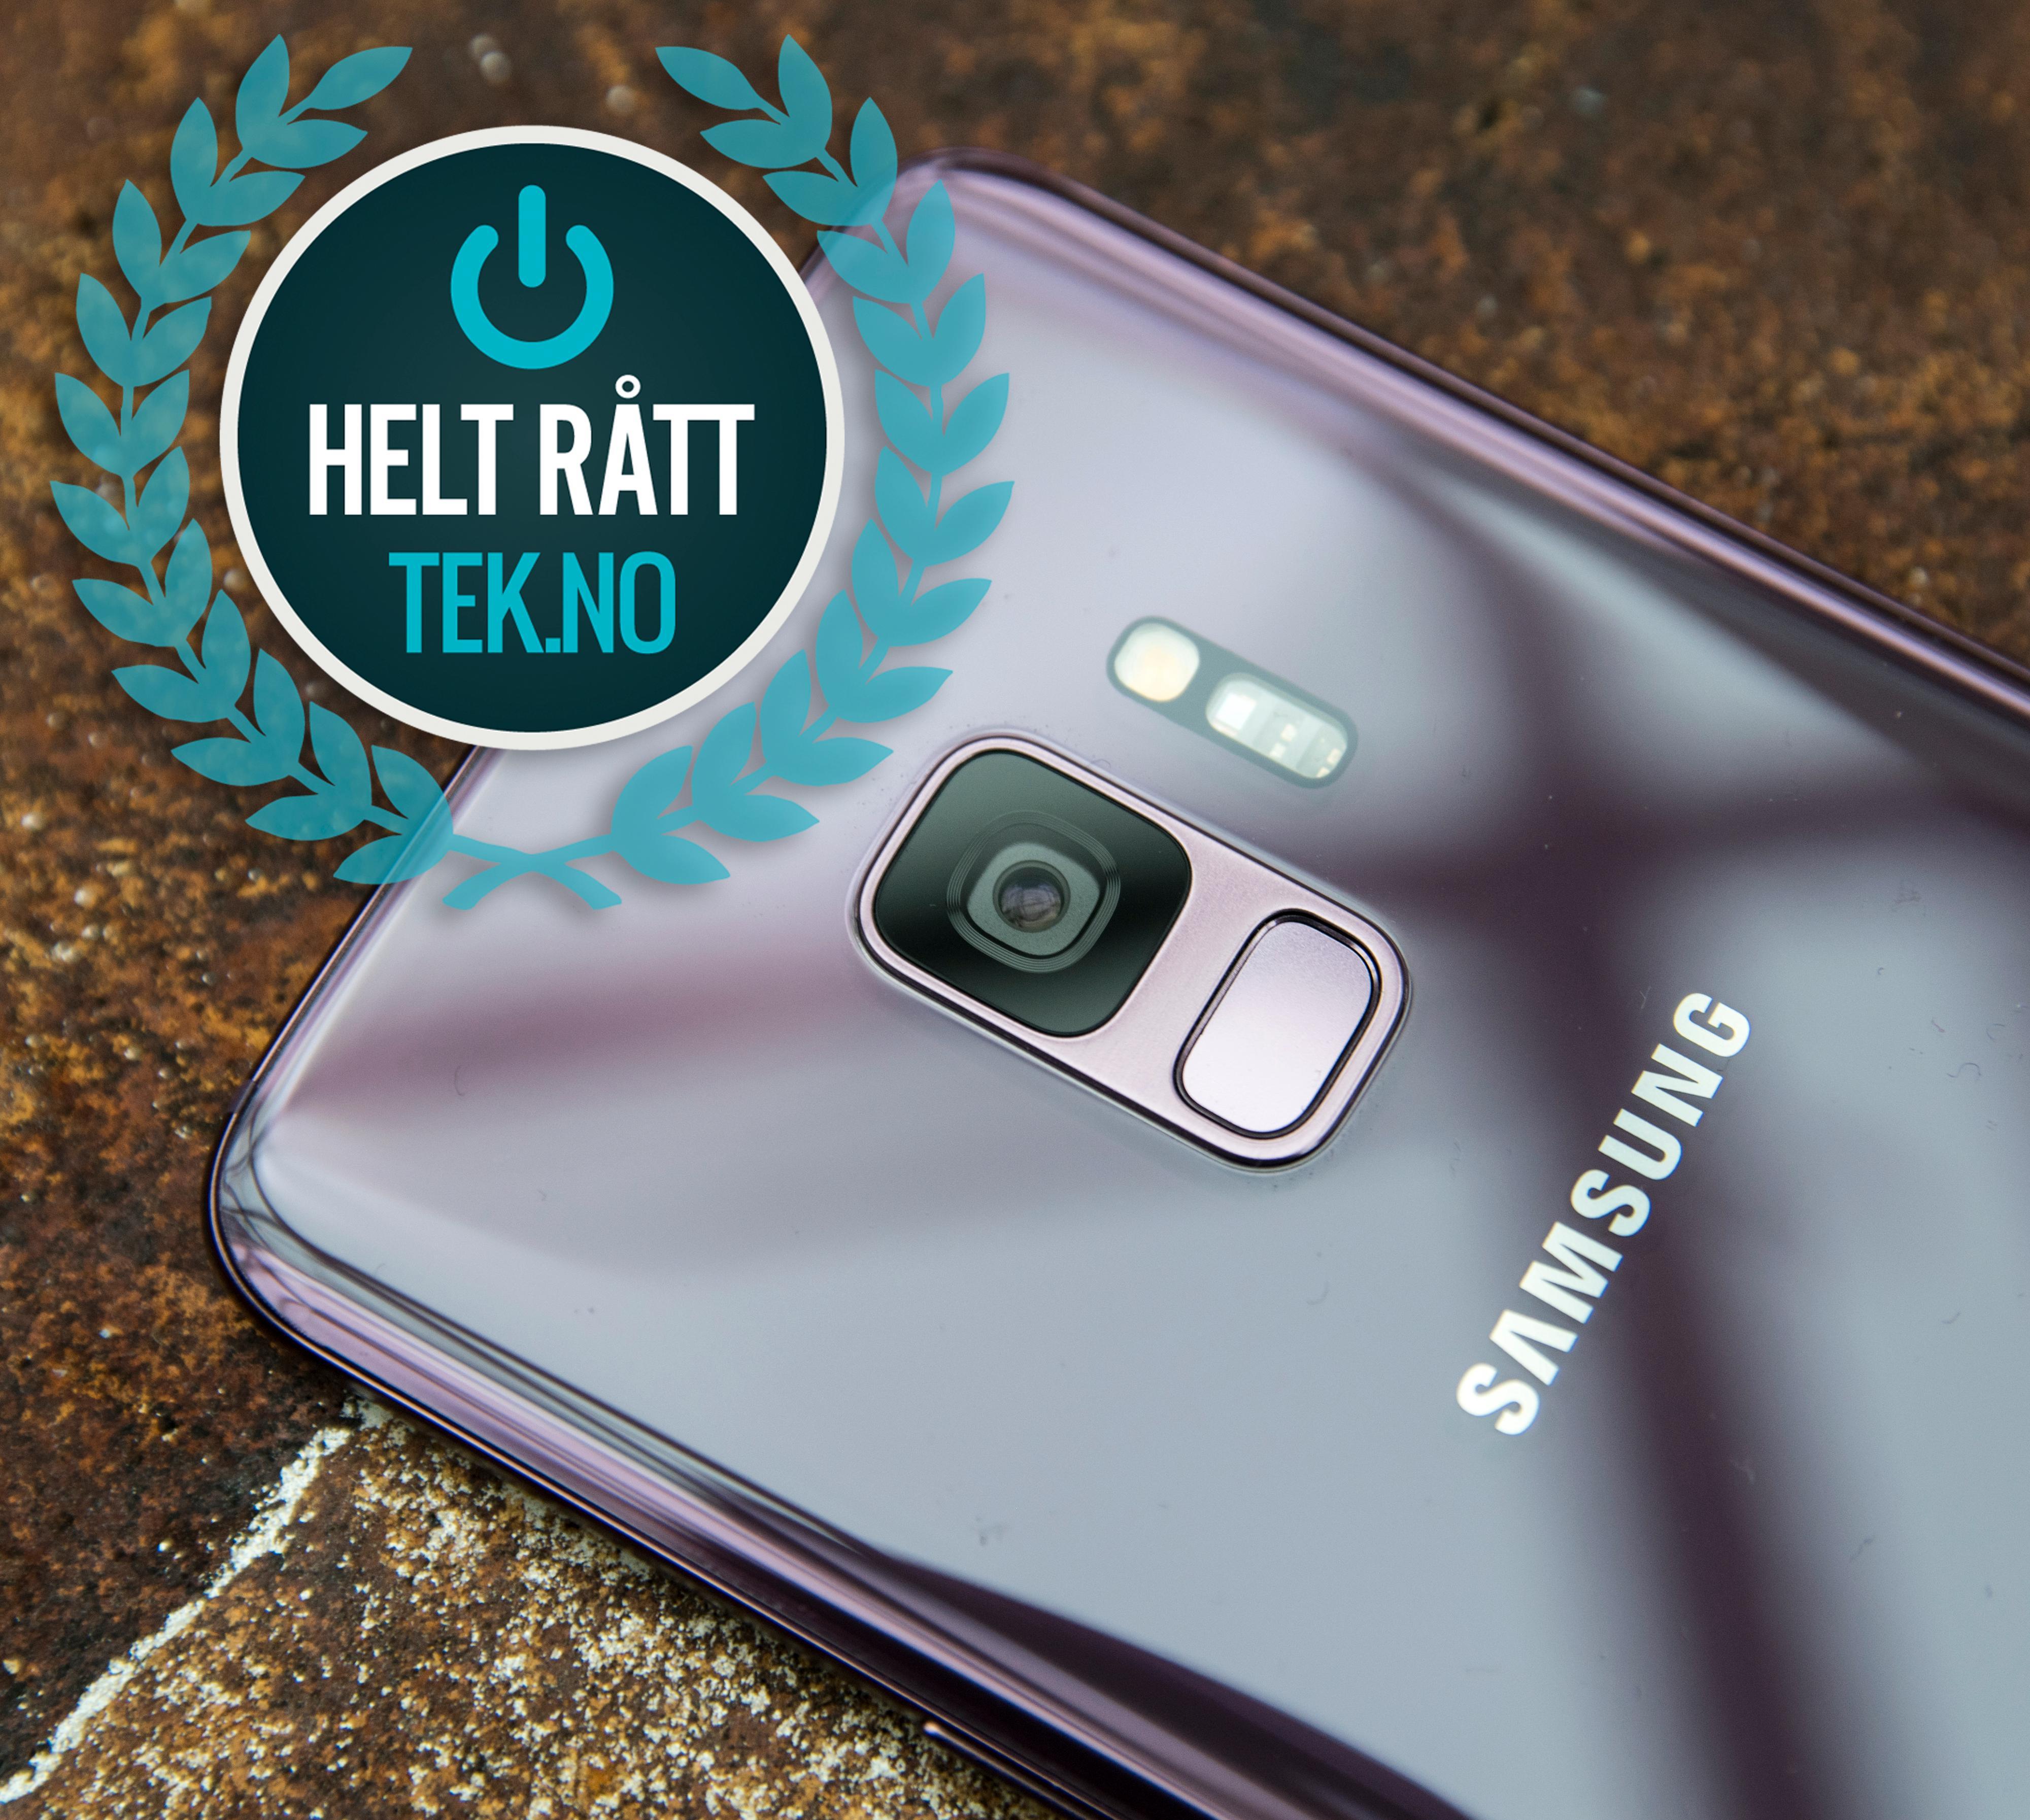 Kameraet er bedre enn i S8, men ikke så mye bedre at det utgjør noen kjempemessig forskjell. Med alle de små forbedringene Samsung har lagt til er dette markedets beste Android-telefon, men det koster - og revolusjonen er ikke like stor som i fjor.